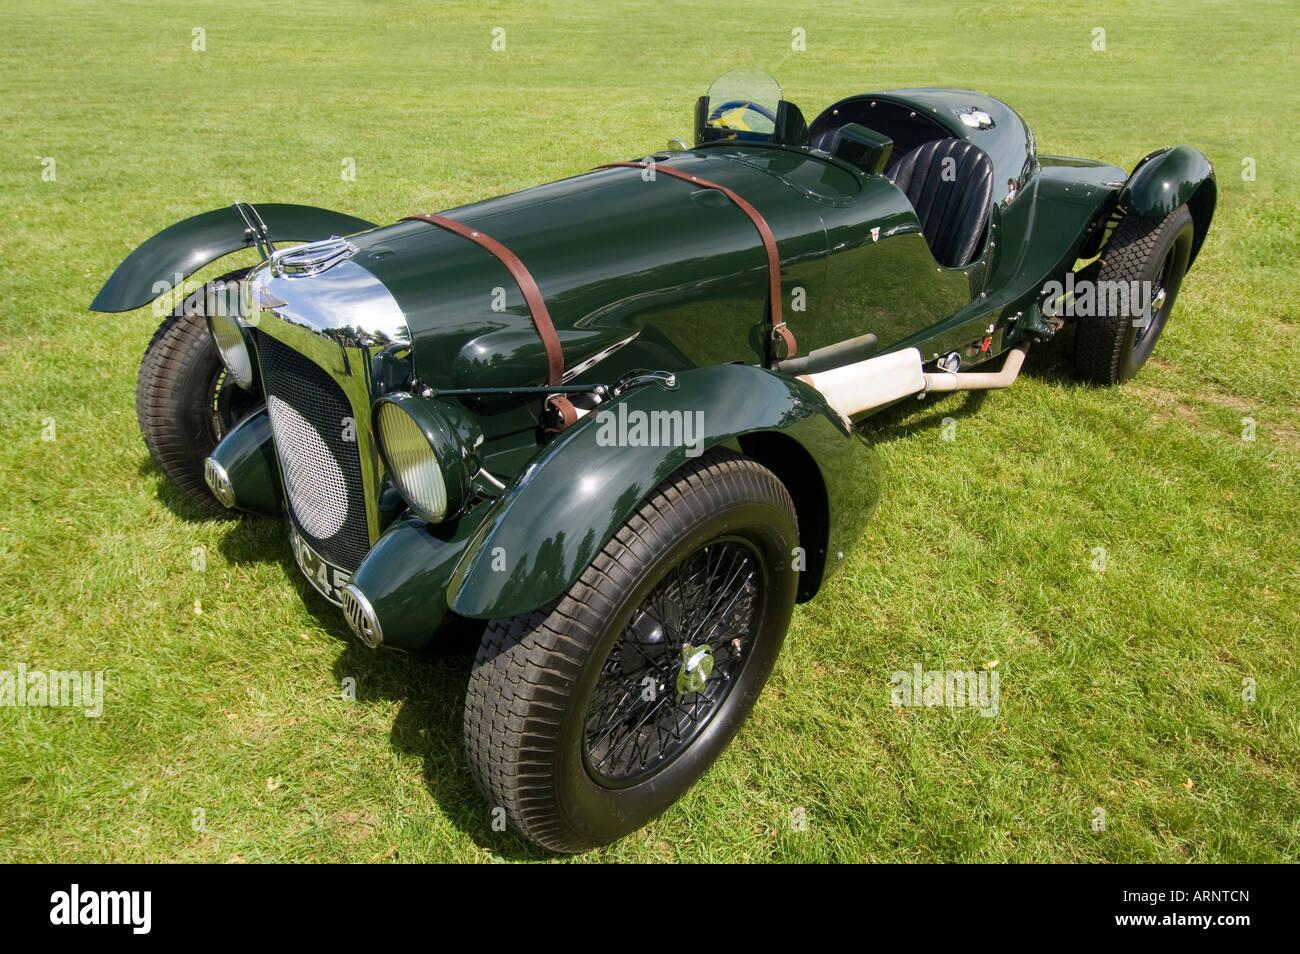 Eine historische British racing grün 1939 Lagonda V12 Le Mans Auto stand auf dem Rasen Stockbild